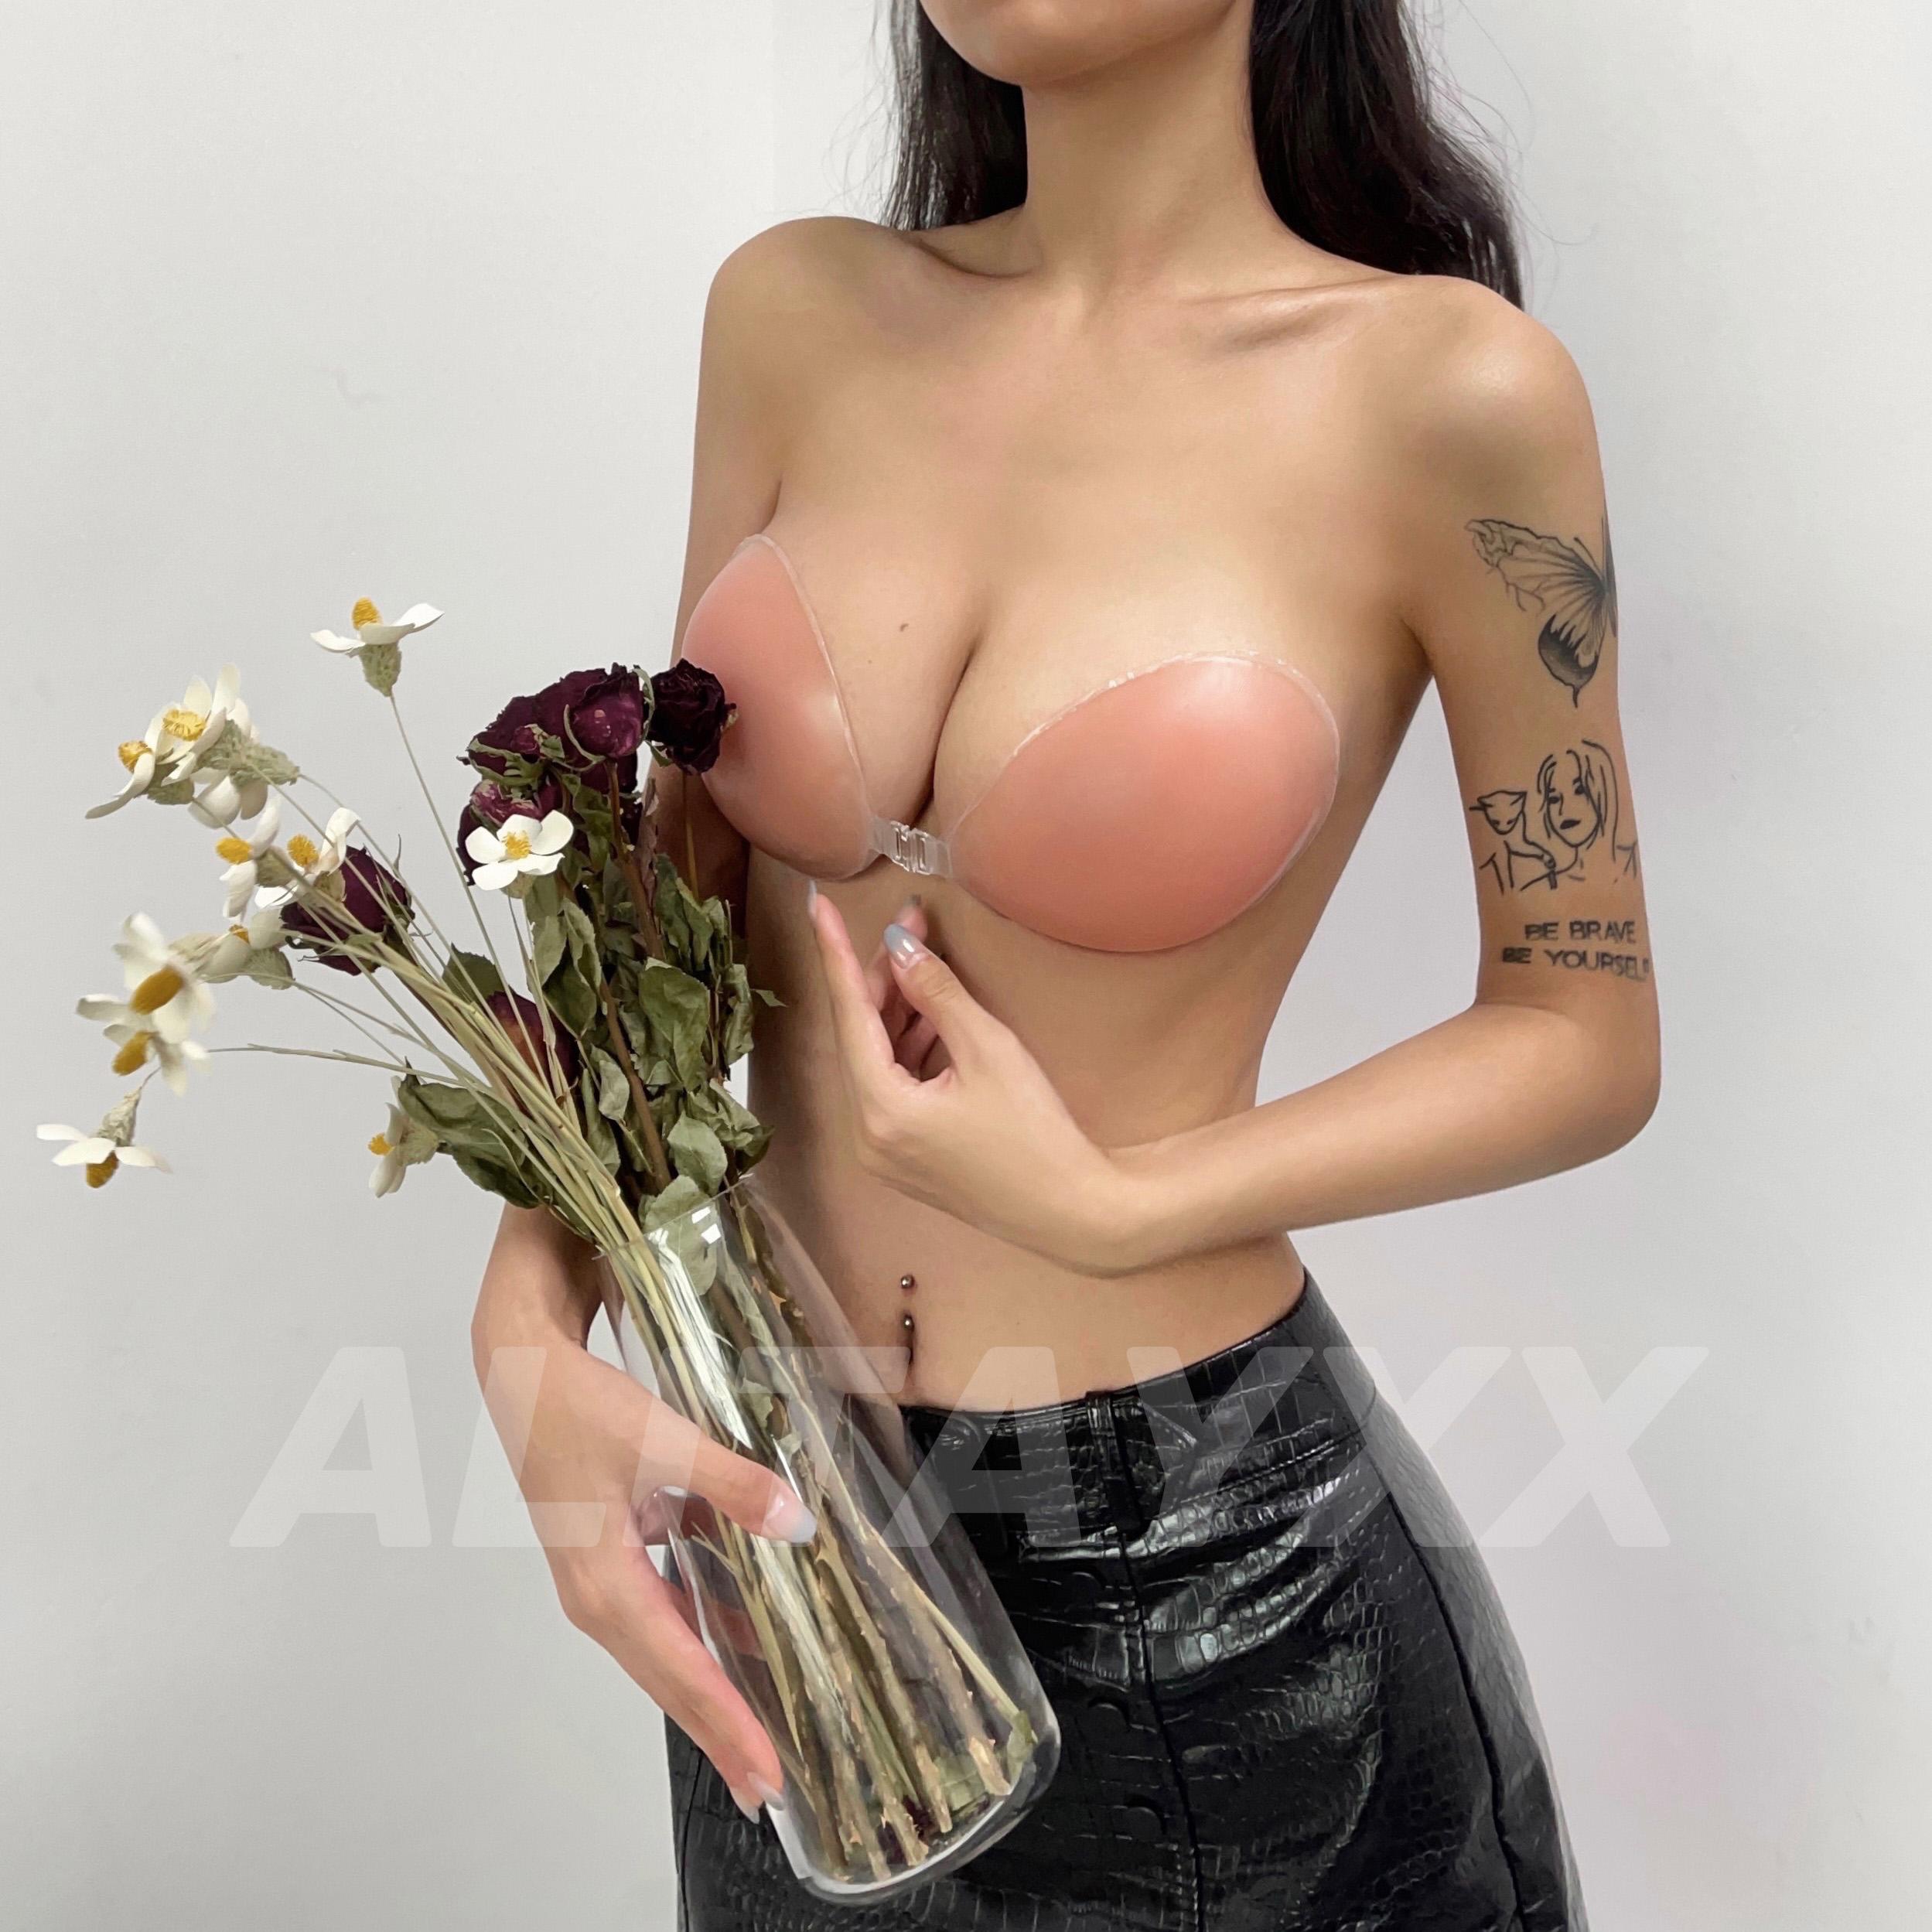 Alitayxx 聚拢防凸点小胸显大无痕无肩带婚纱隐形硅胶胸贴乳贴